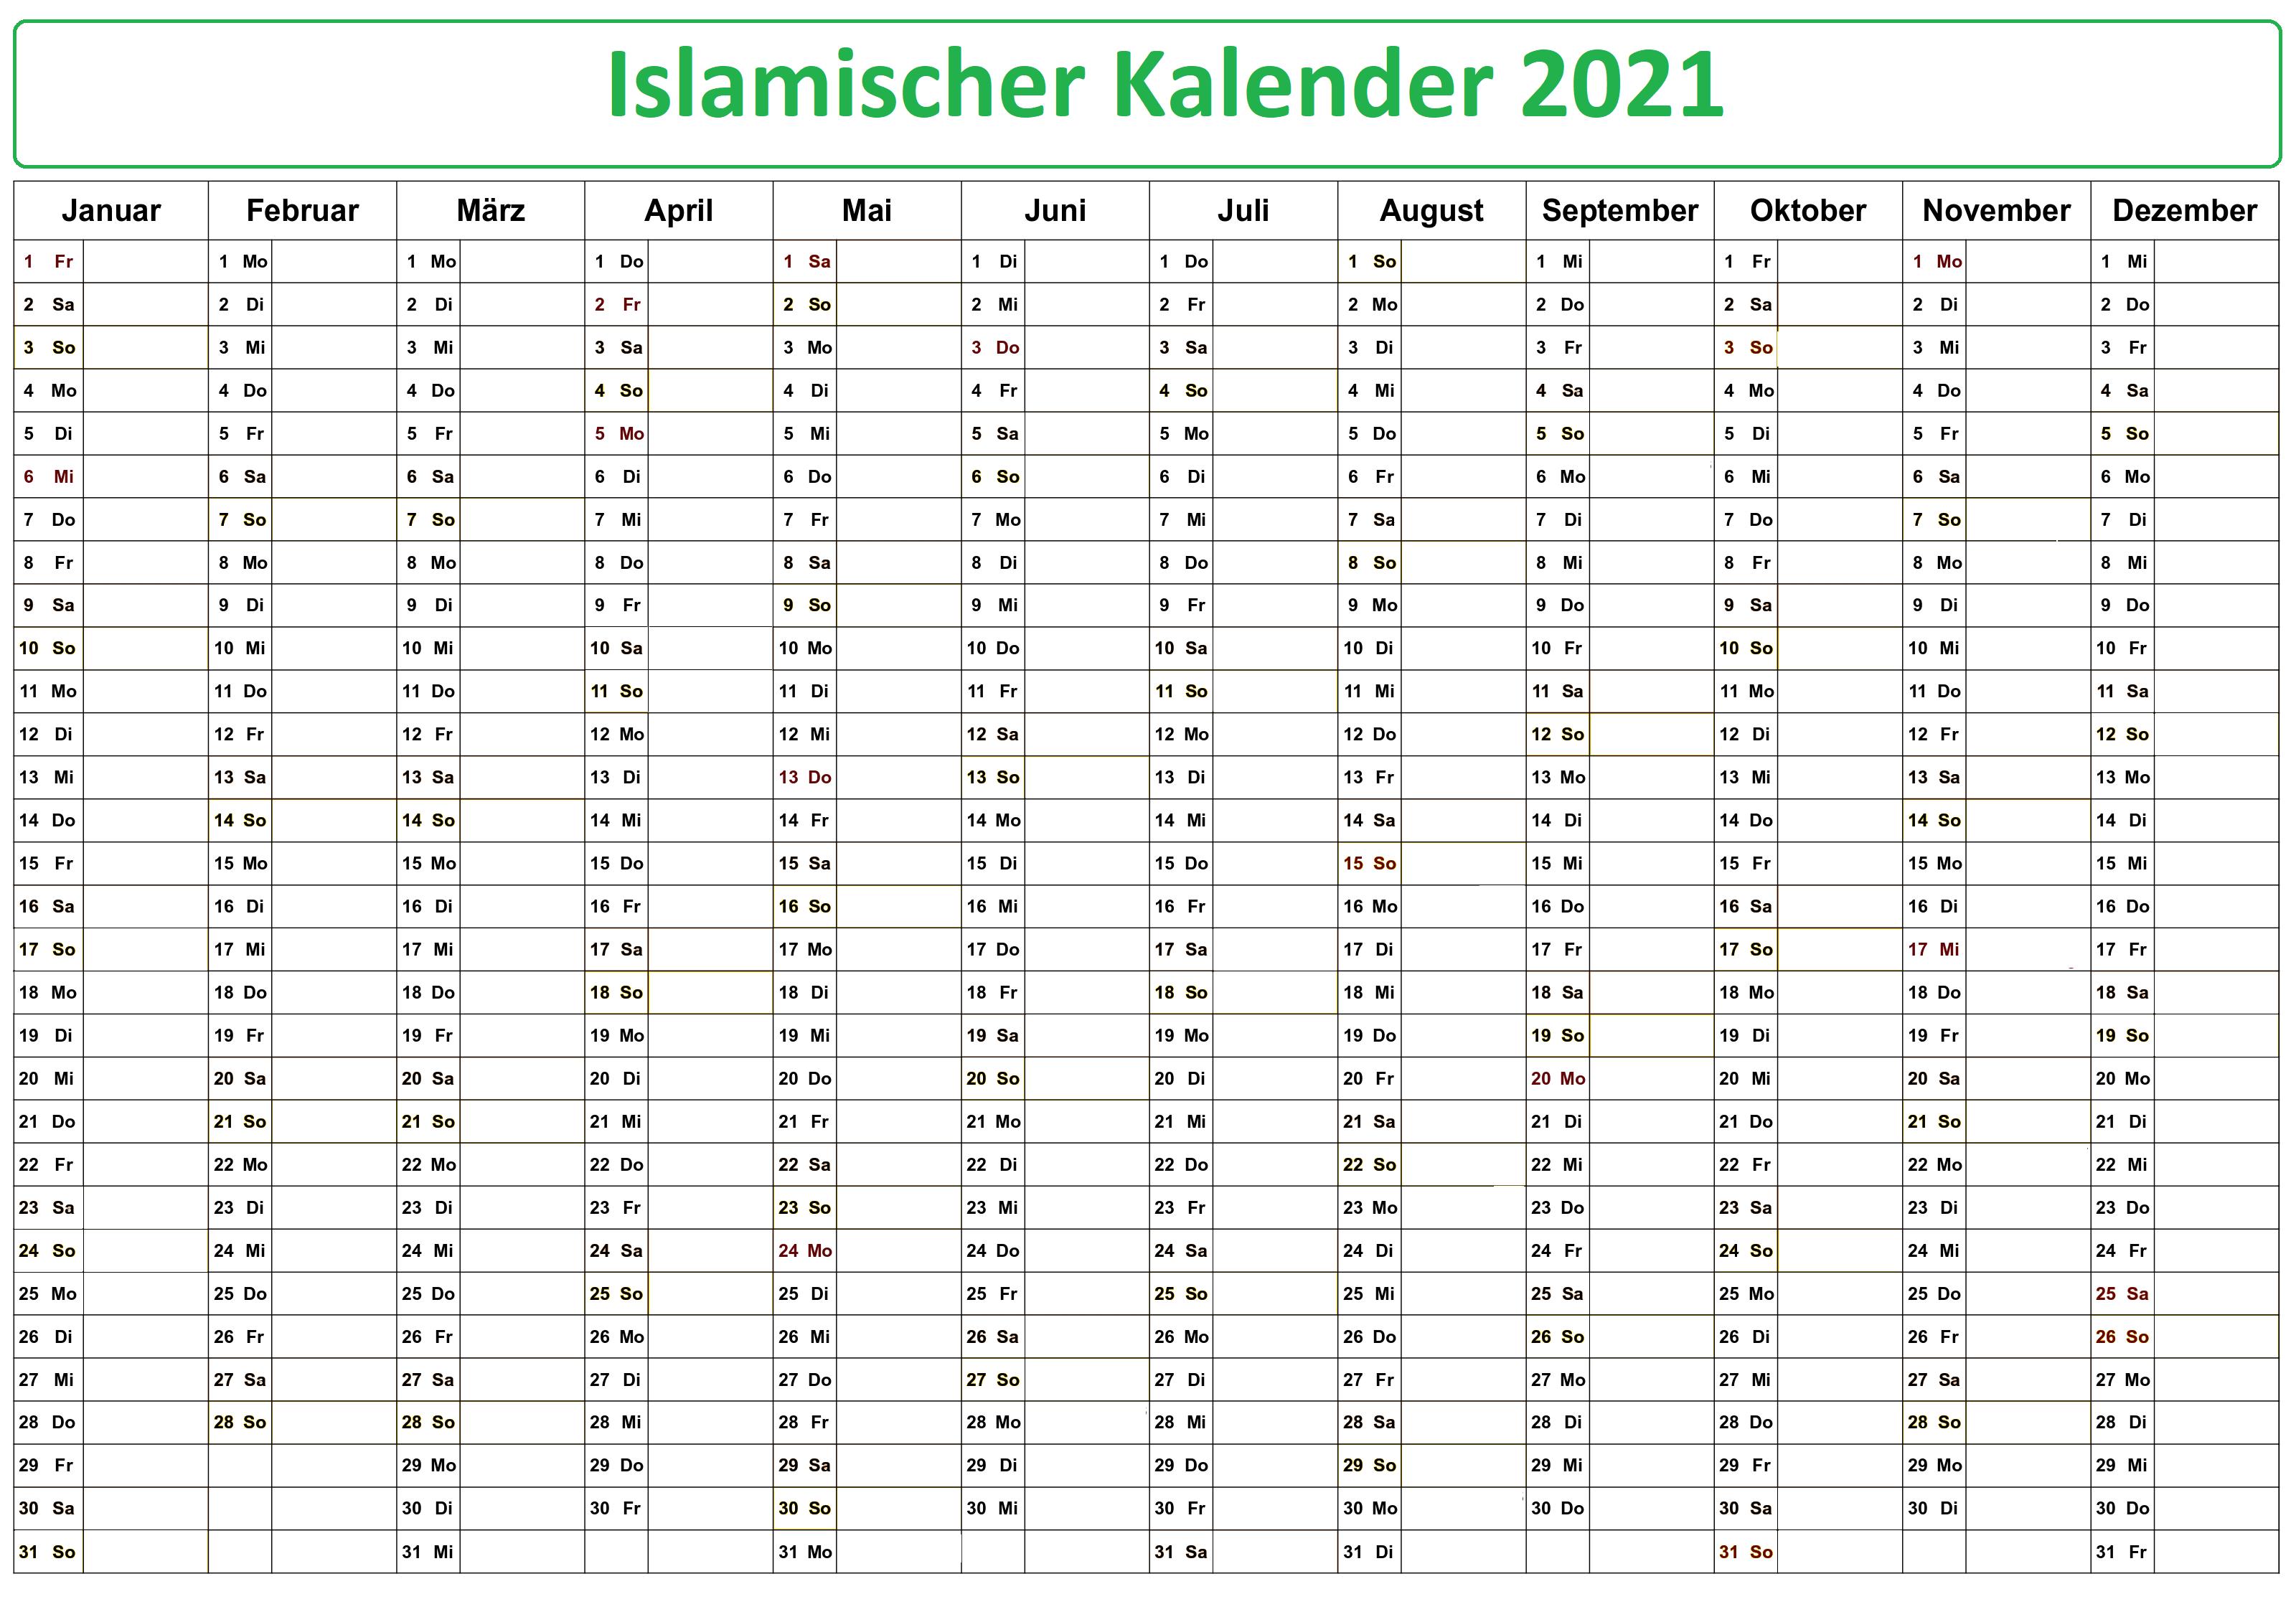 Islamischer Kalender 2021